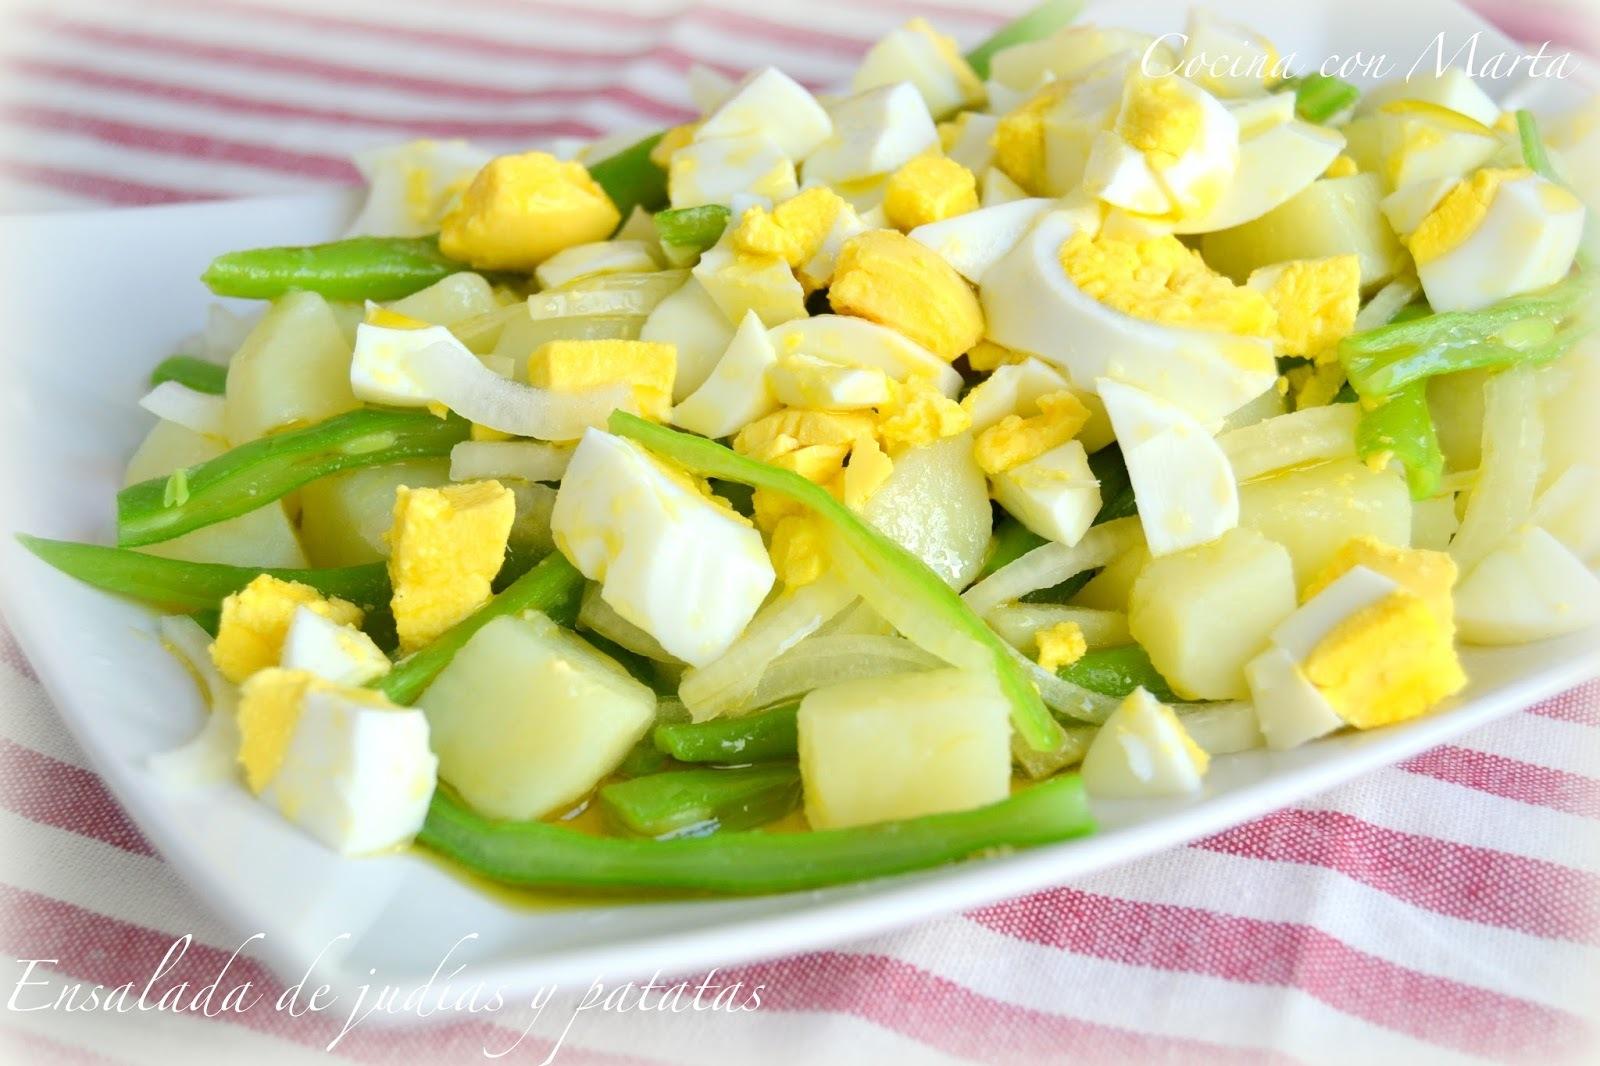 Ensalada de judías y patatas